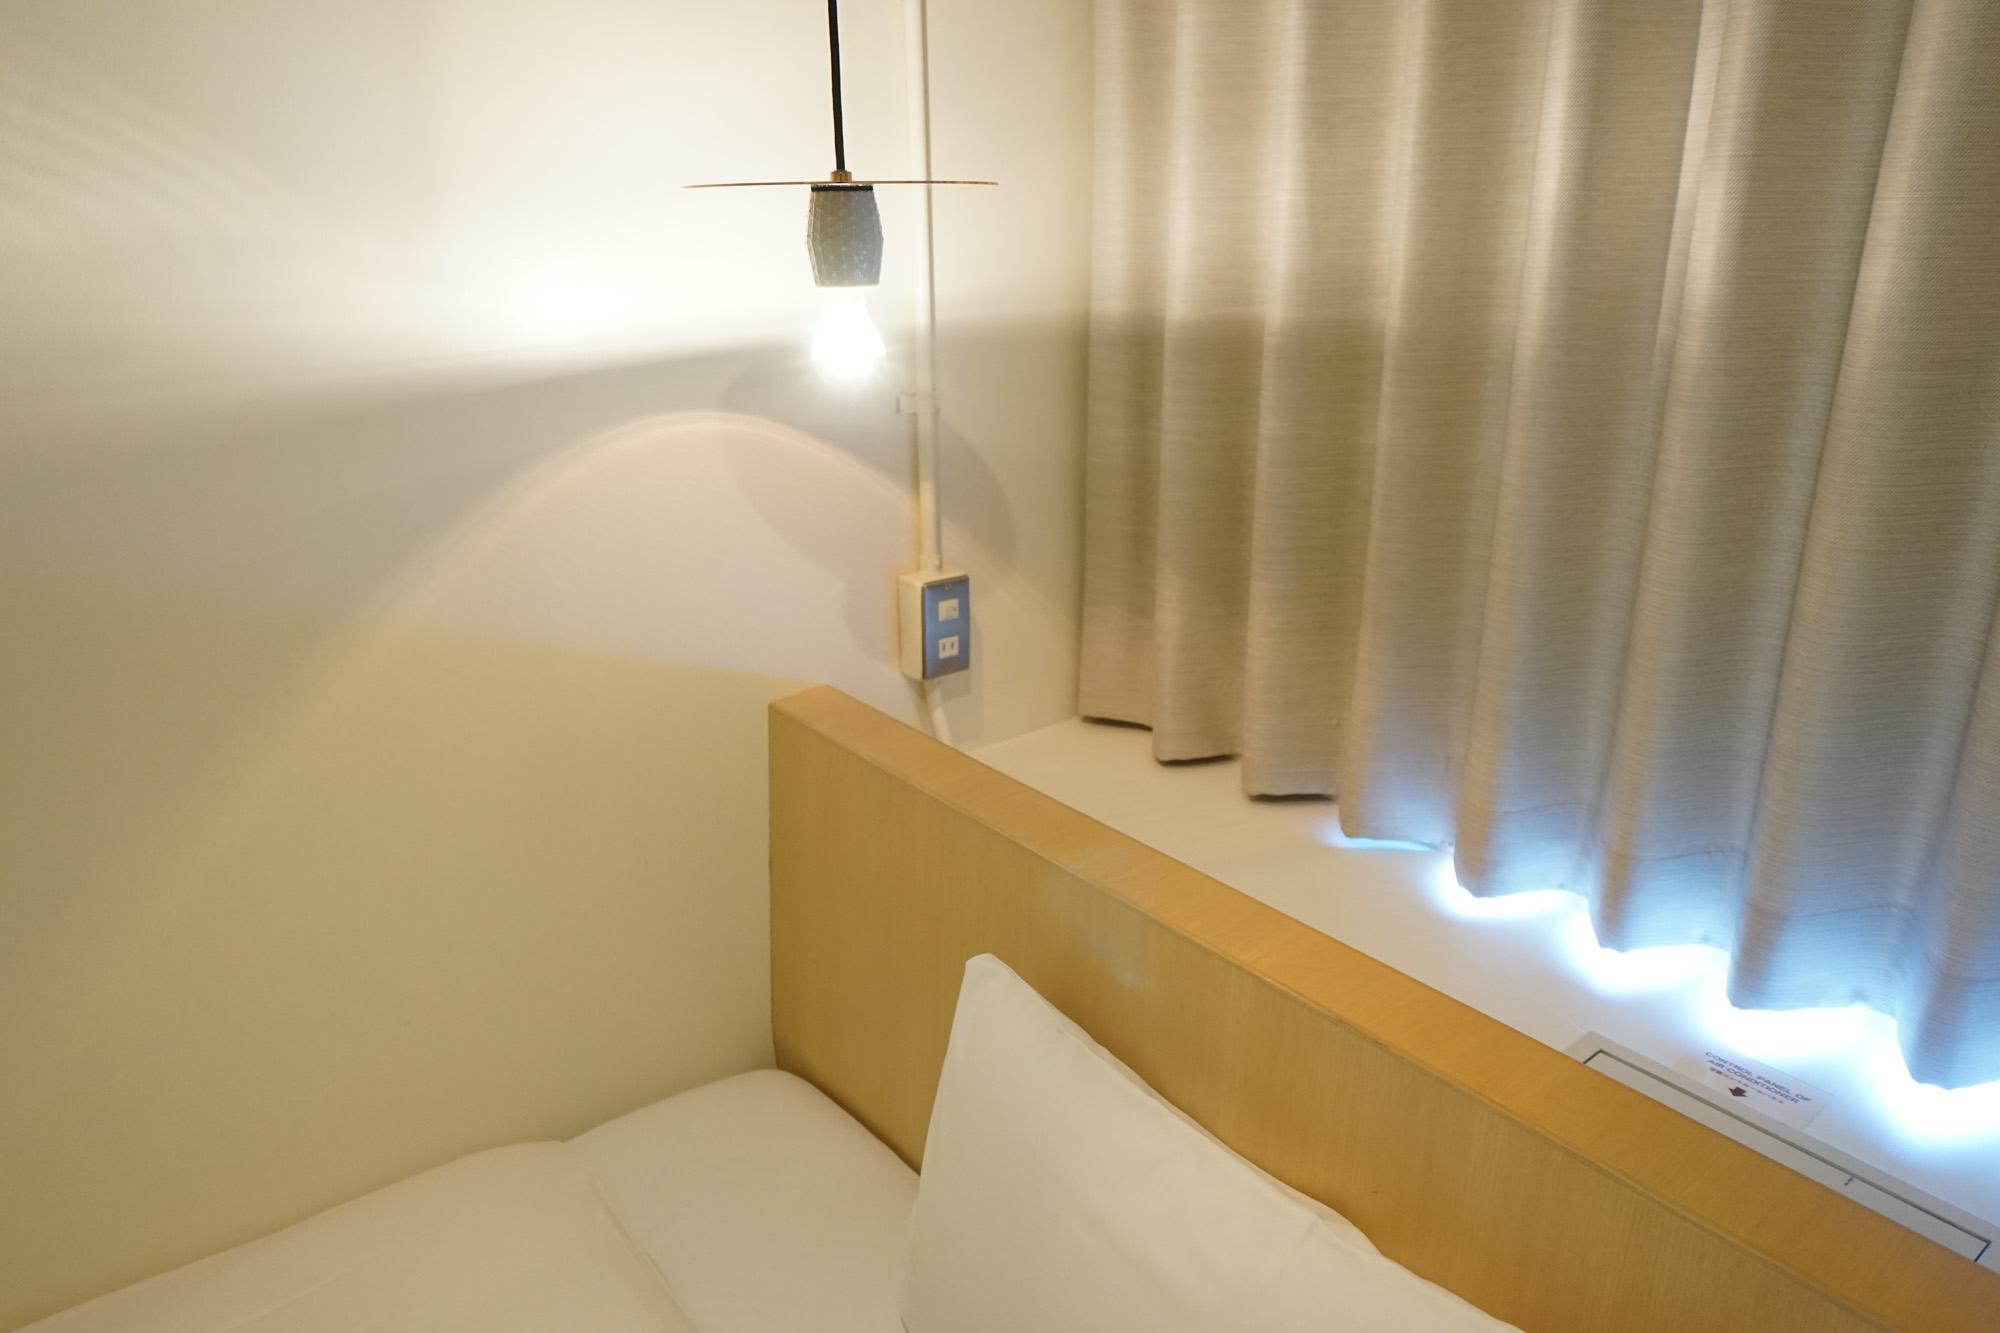 シンプルなリノベーションながら、必要なものはきちんと揃っています。枕元にライトとコンセント。